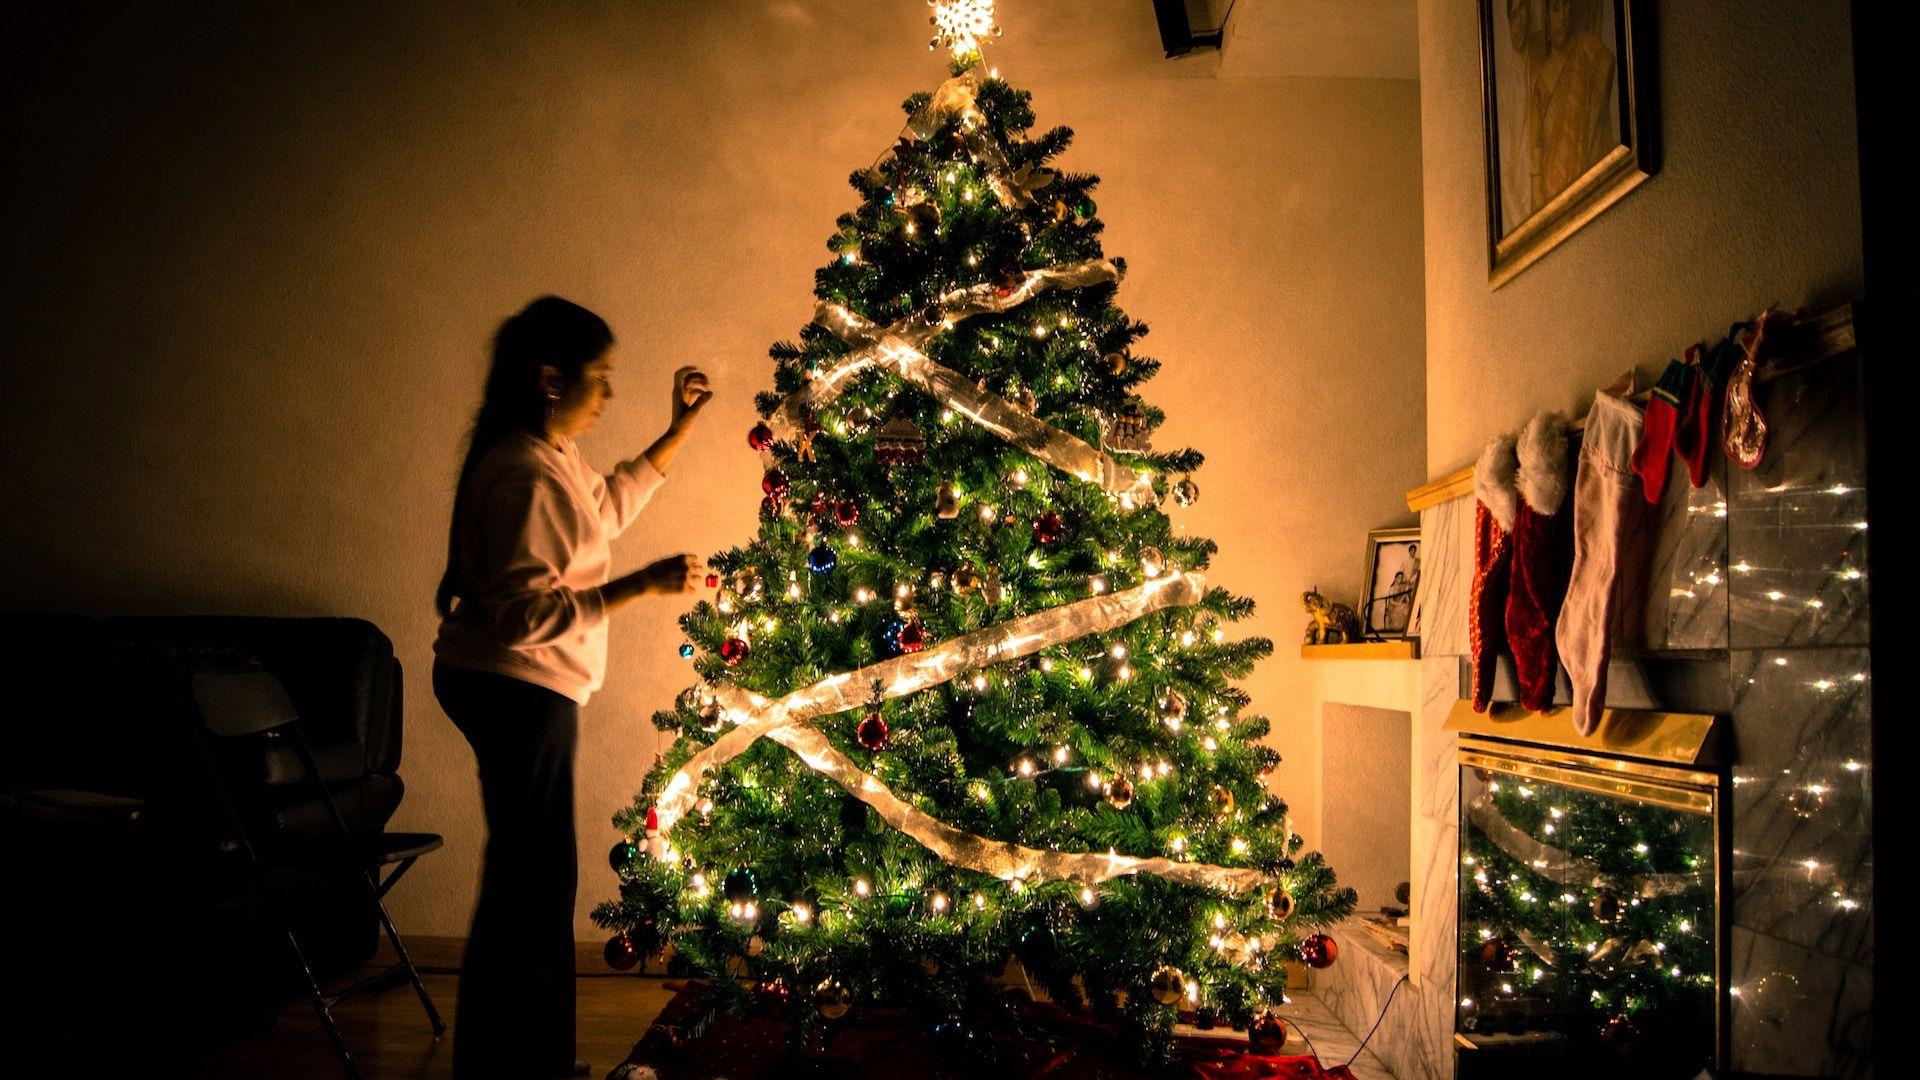 Escape Room Mystery Season's Mystery. Light the tree